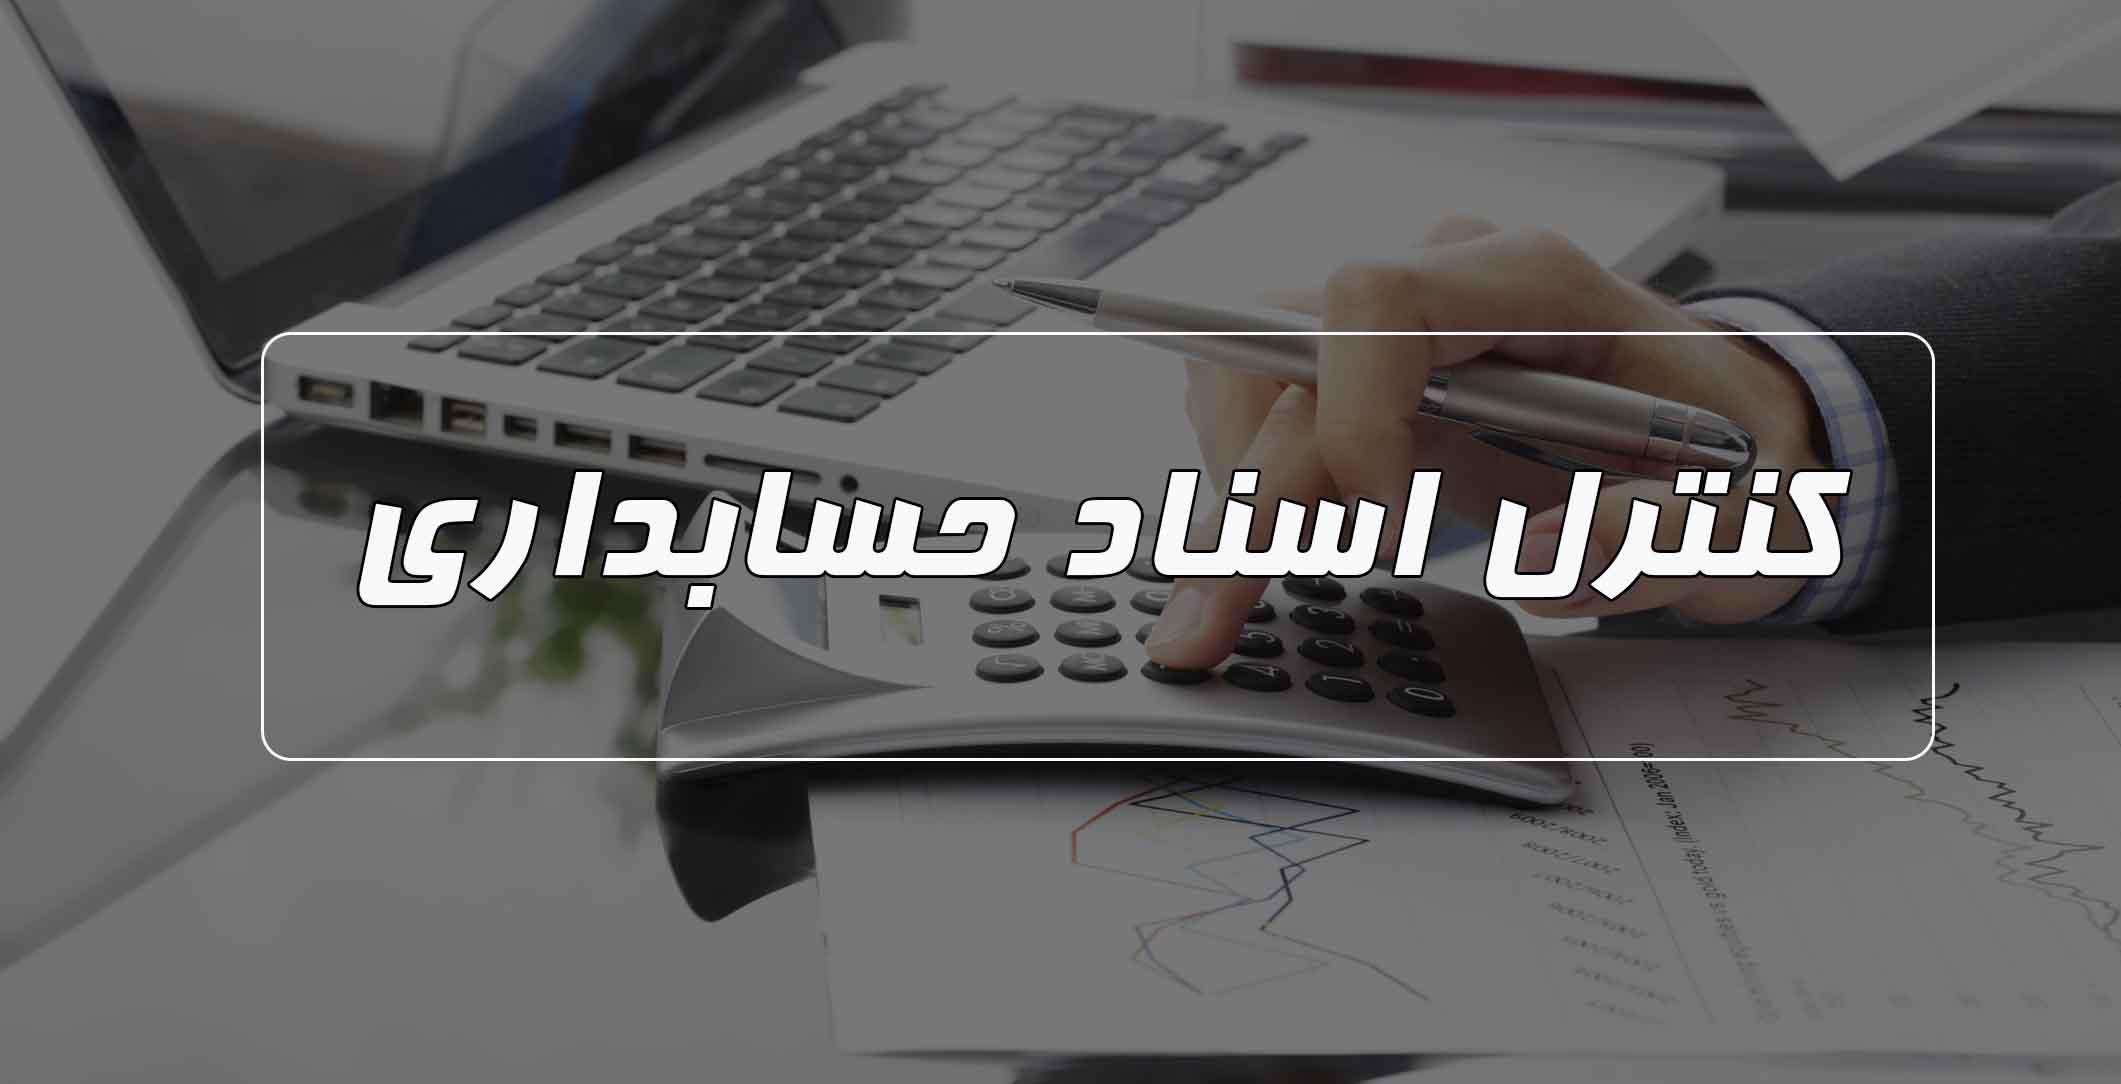 کنترل اسناد حسابداری توسط حسابدار خبره